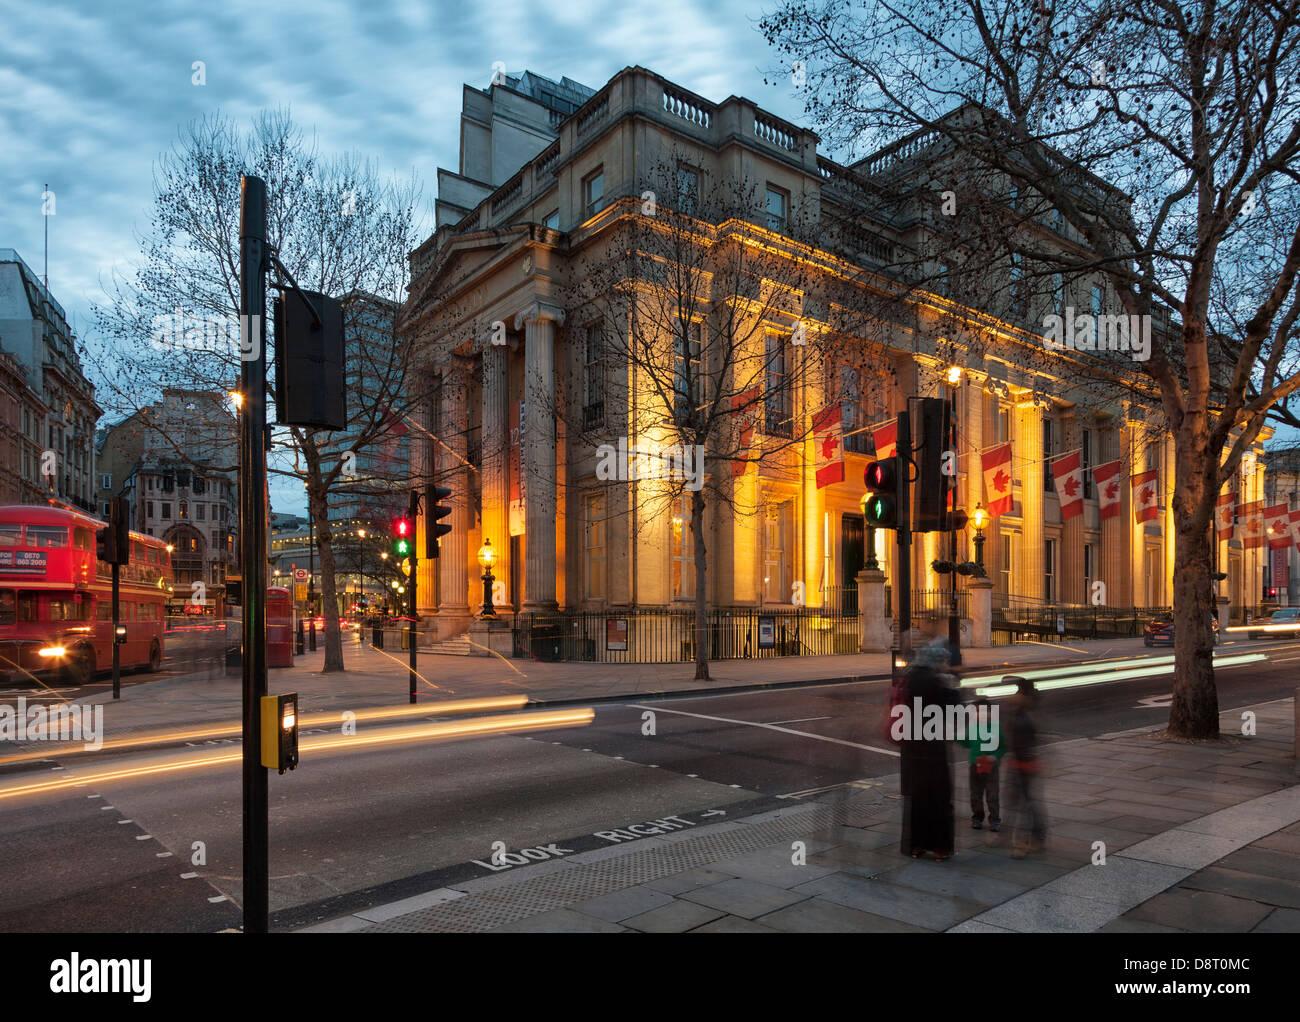 Consular Stock Photos & Consular Stock Images - Alamy